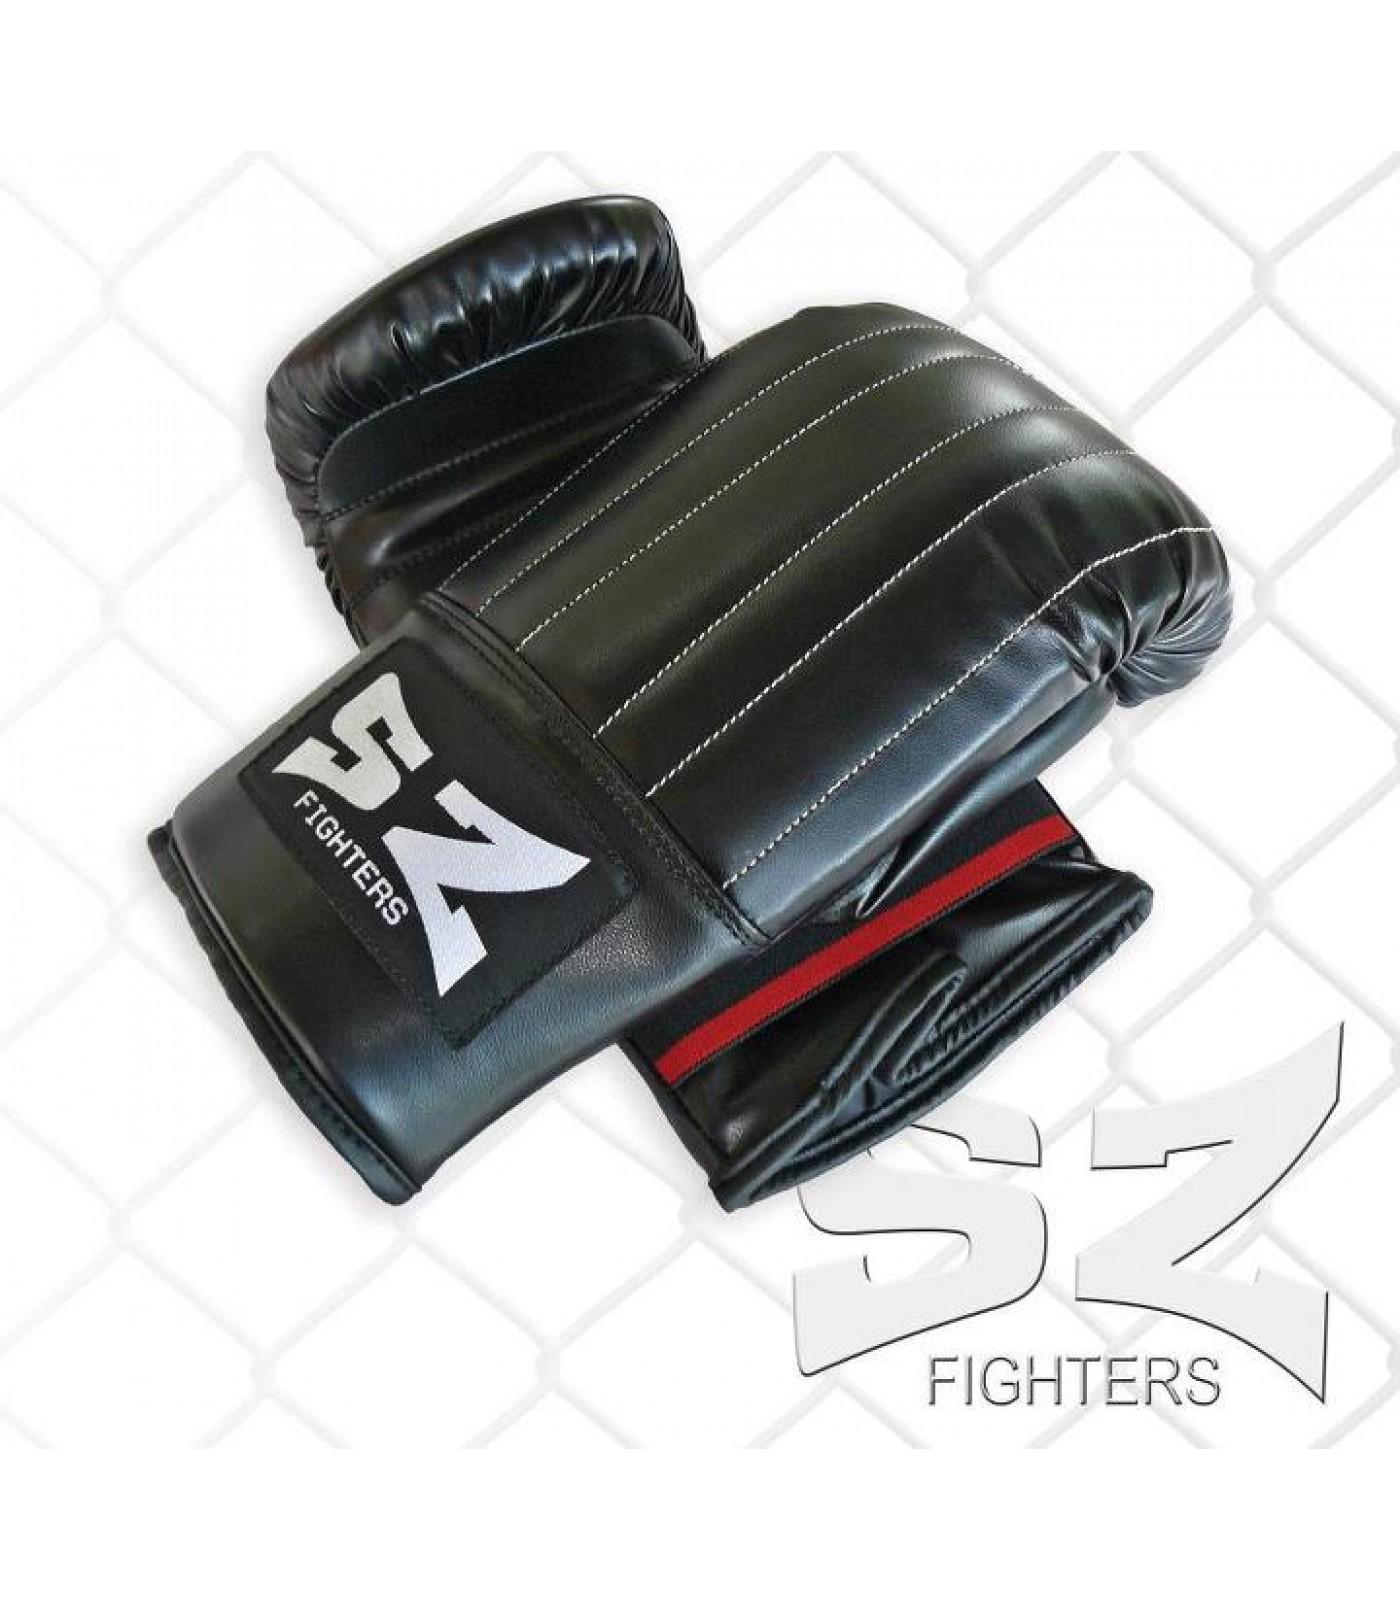 SZ Fighters - Уредни ръкавици (изкуствена кожа)